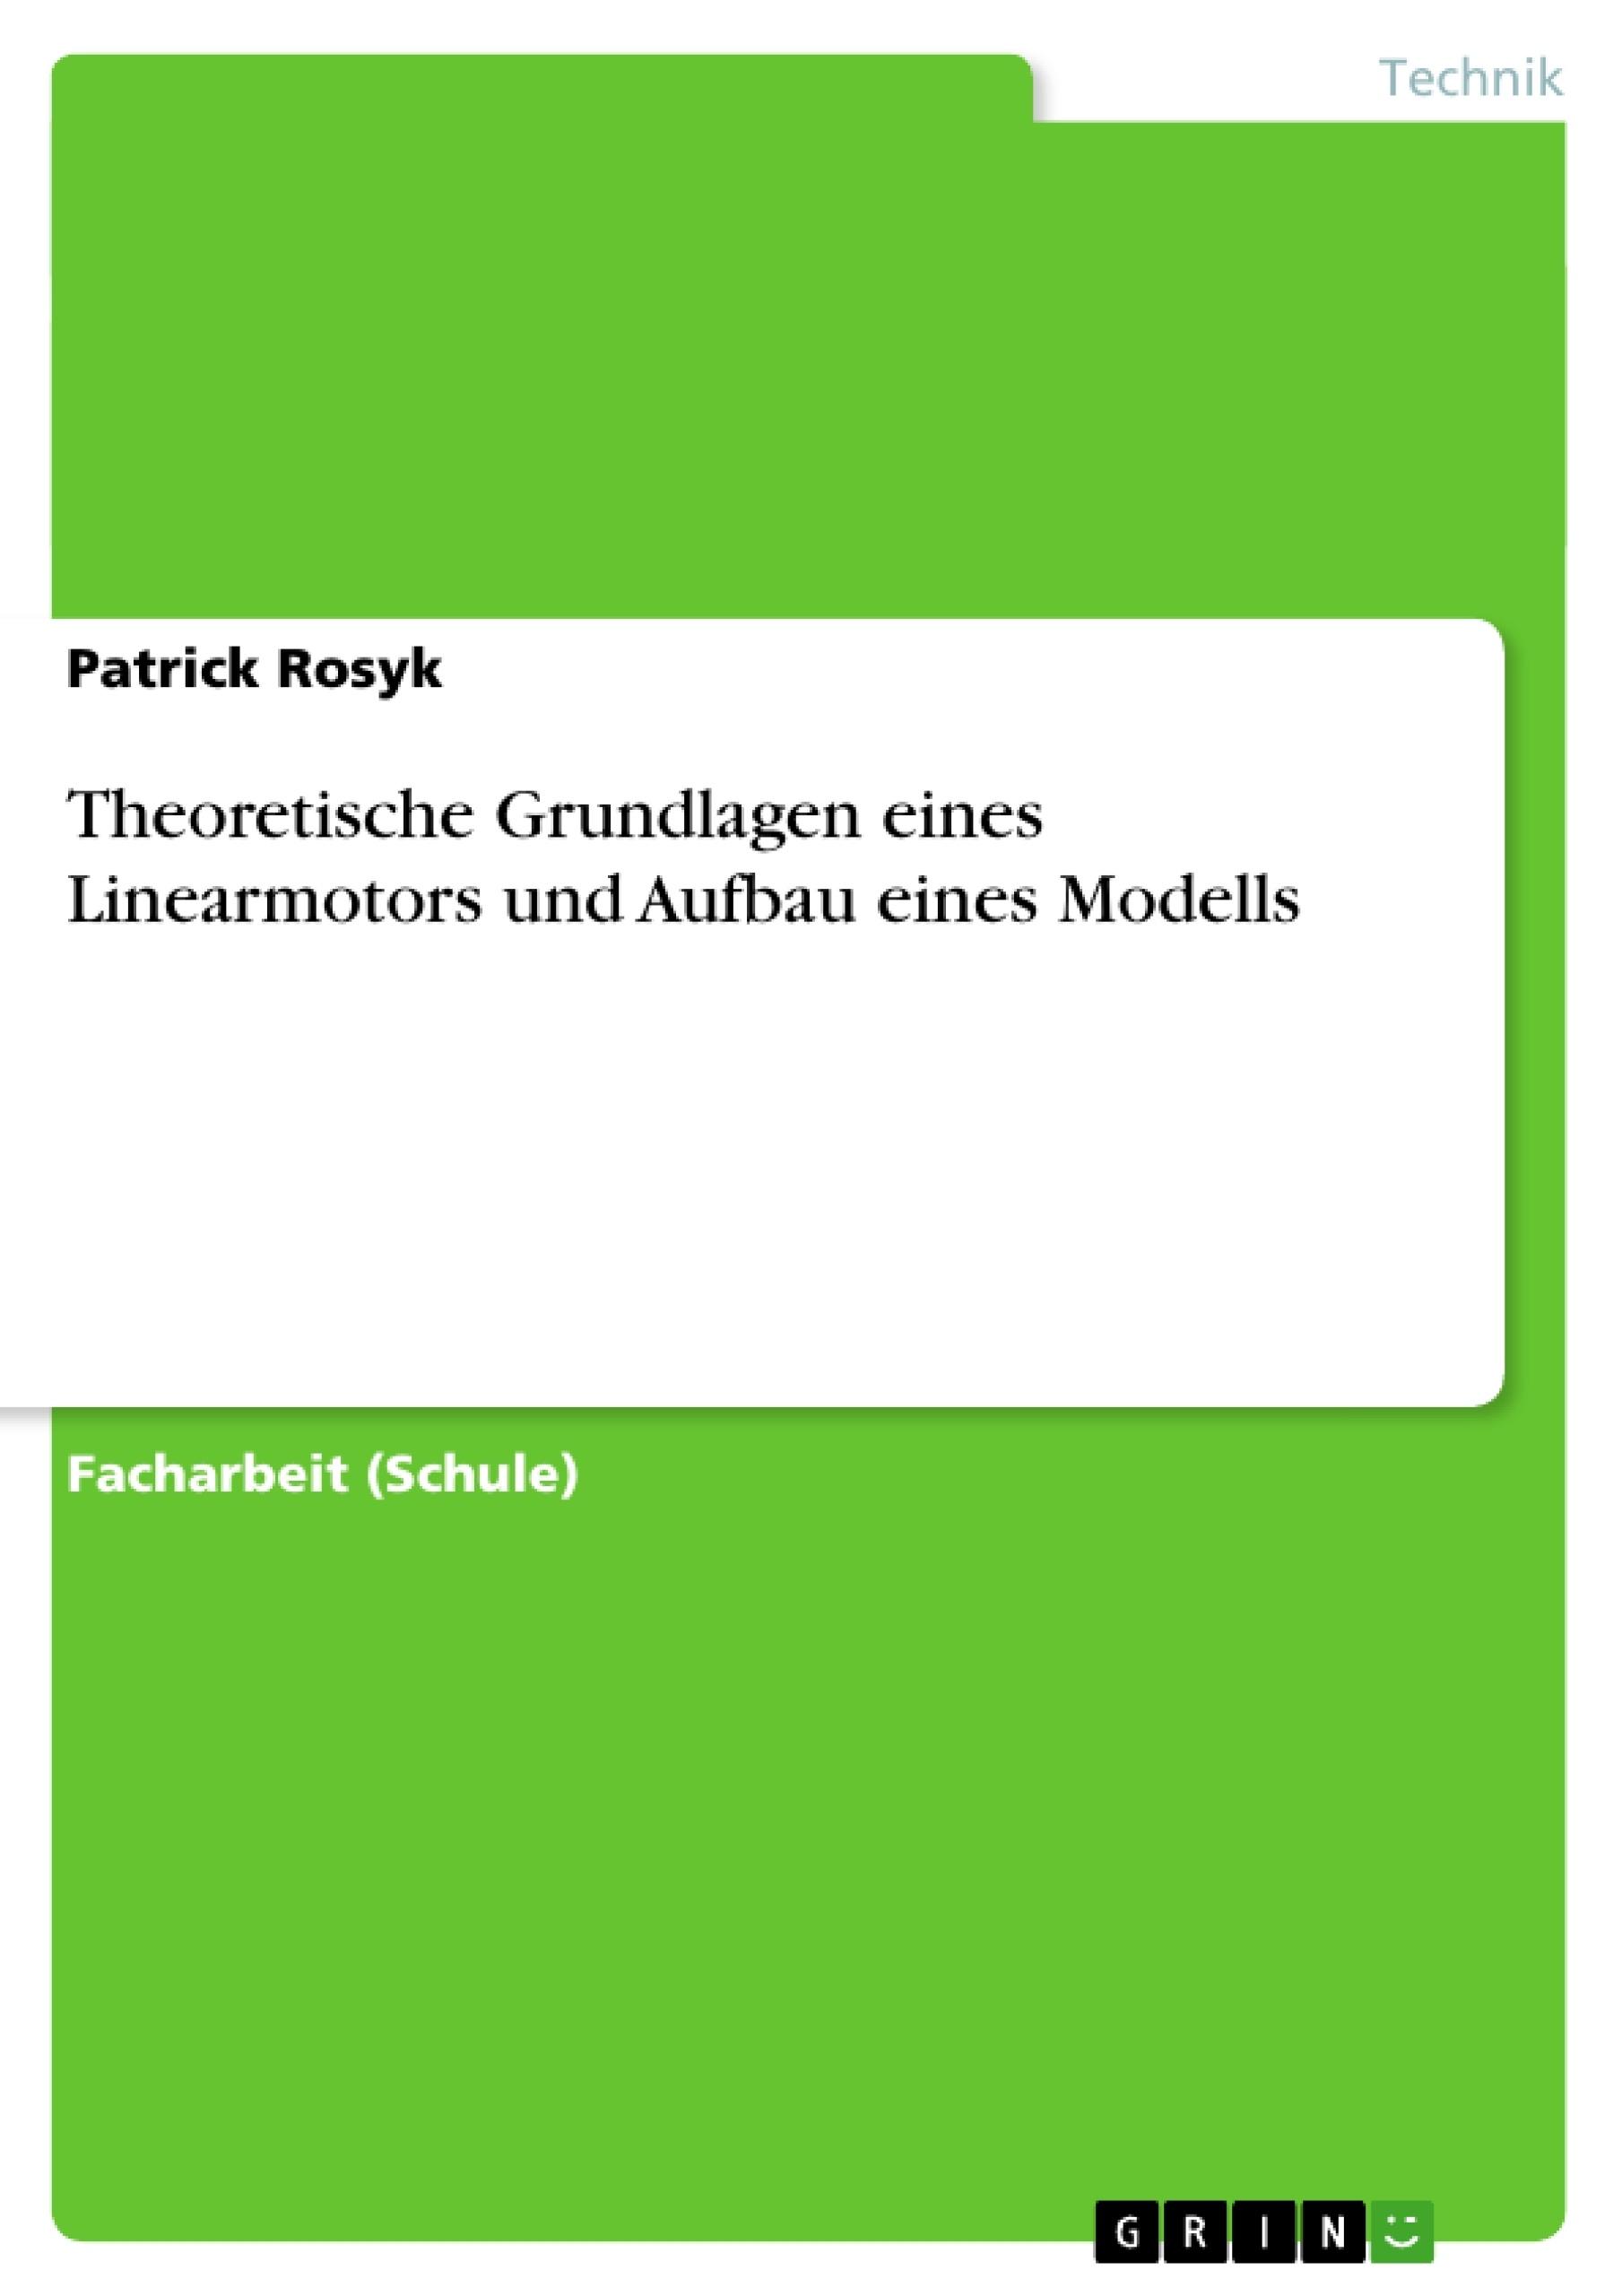 Theoretische Grundlagen eines Linearmotors und Aufbau eines Modells ...